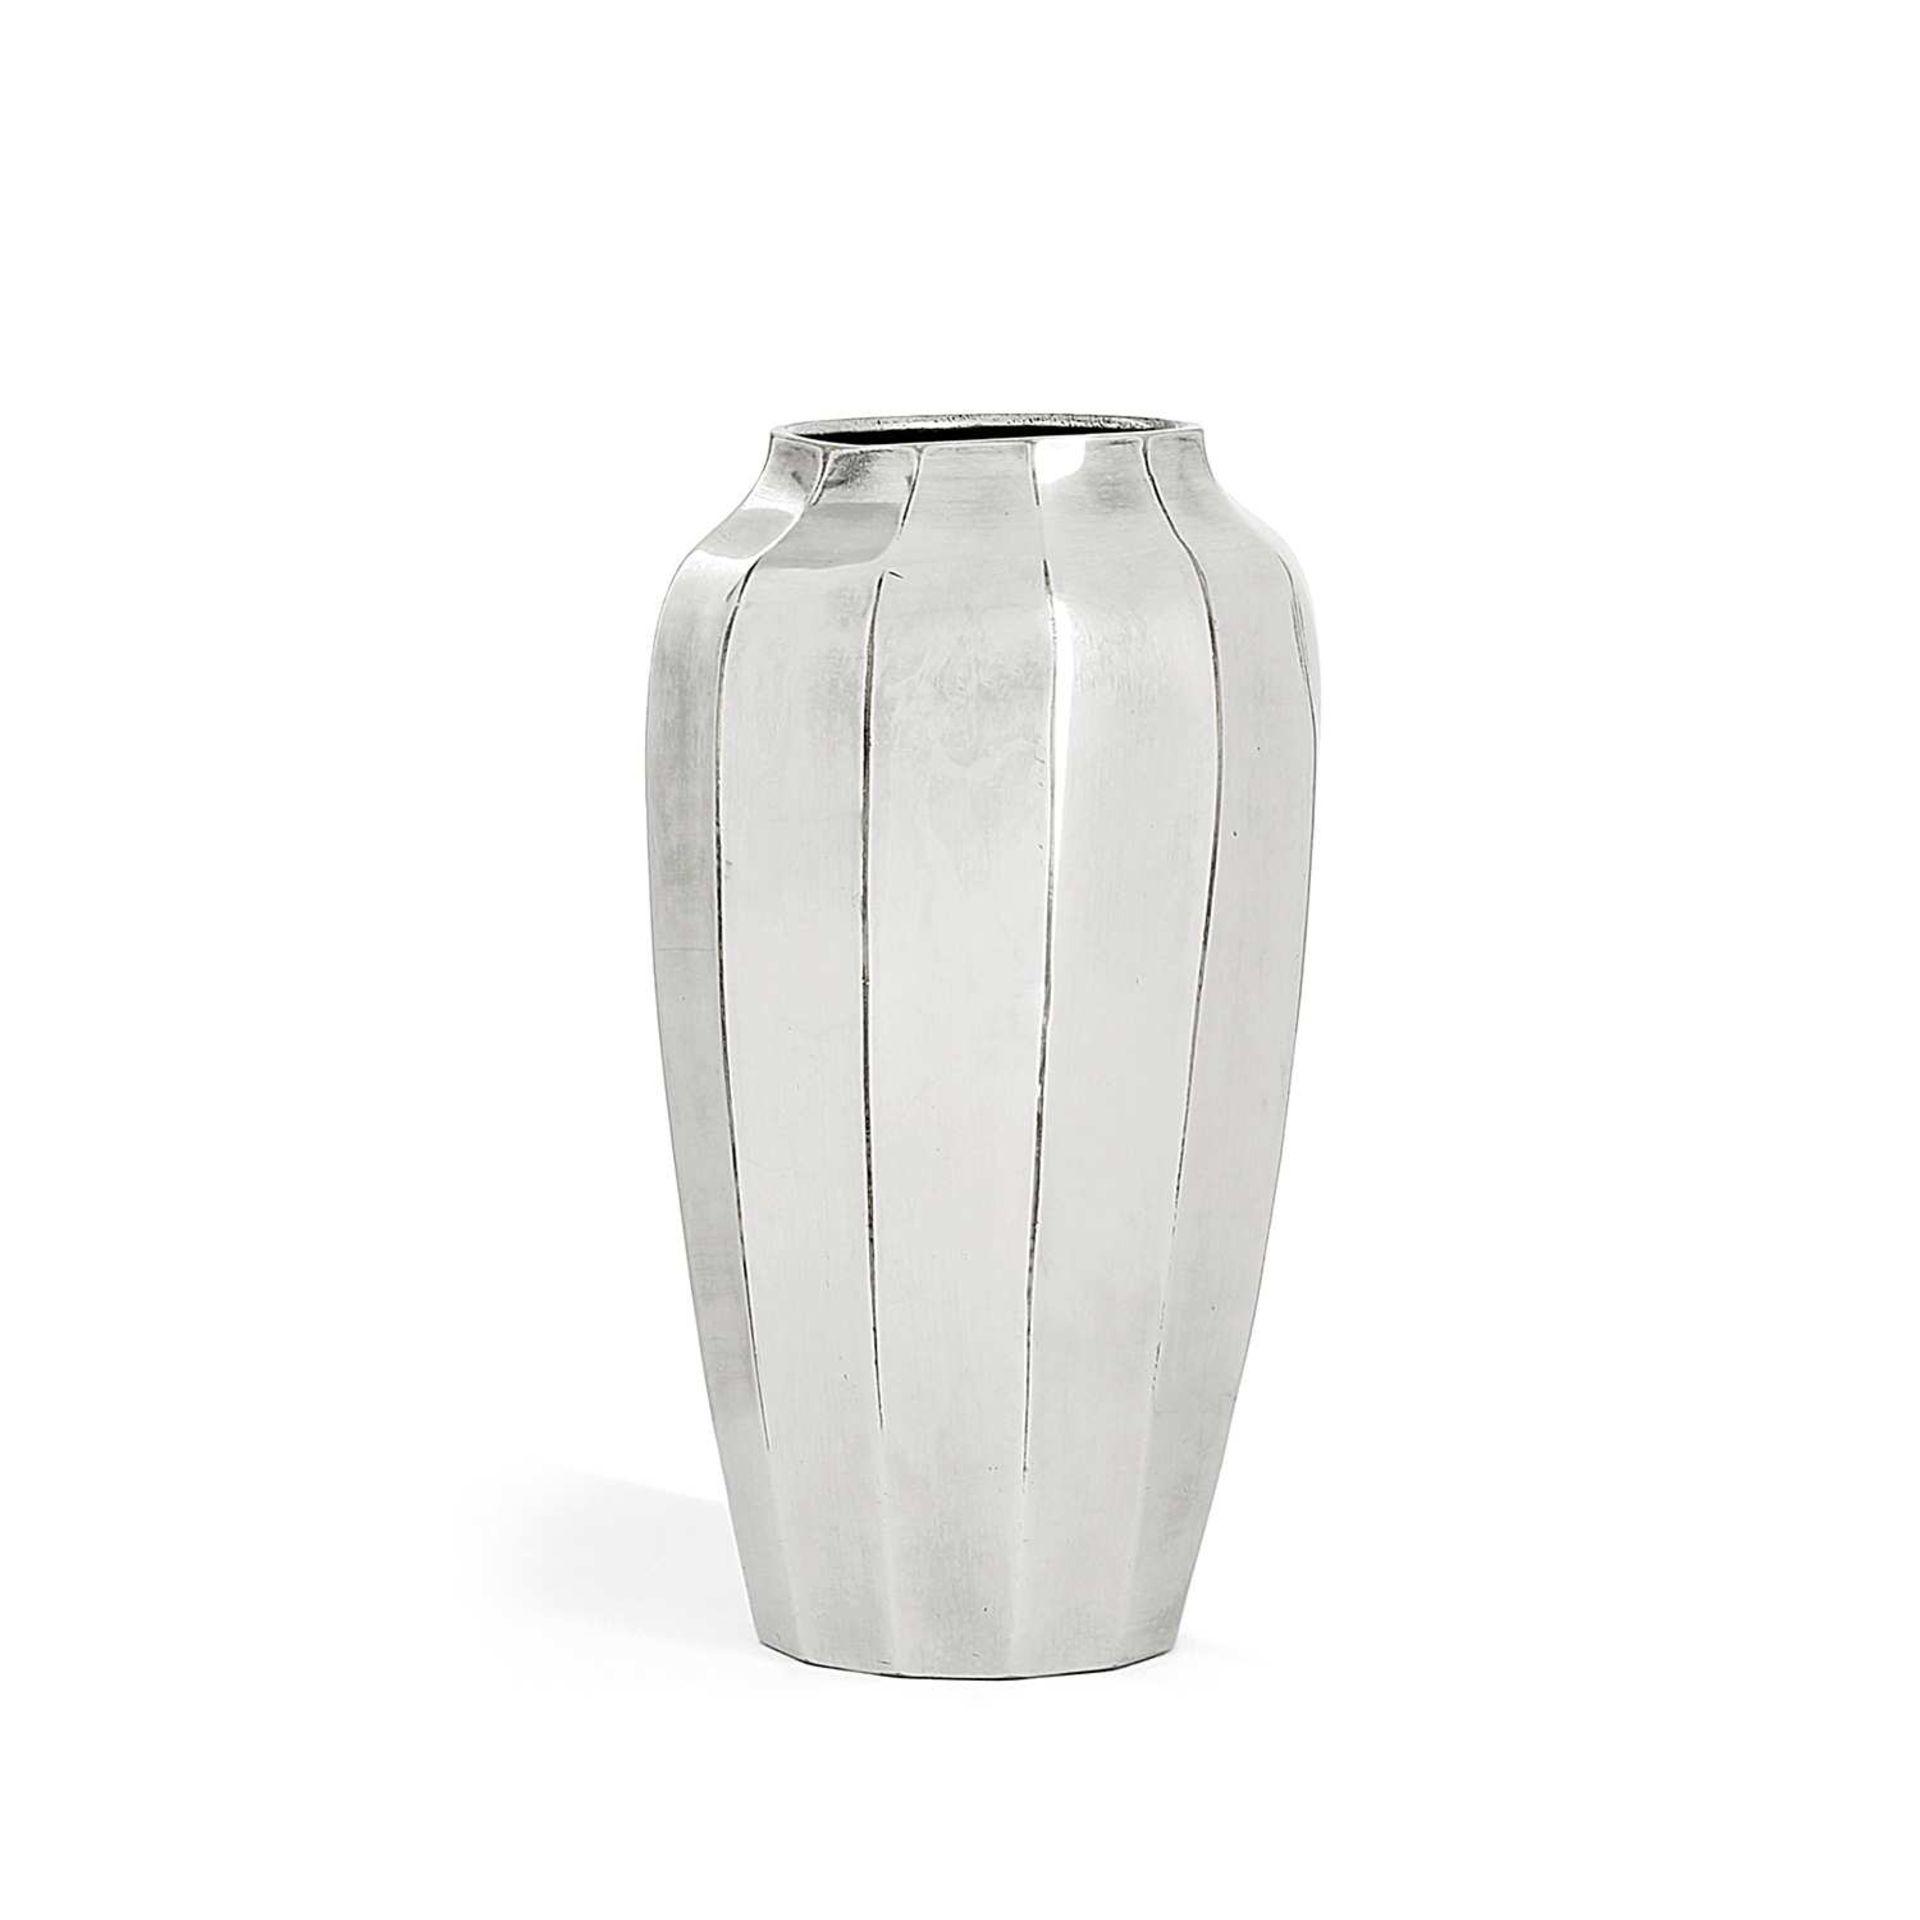 Los 43 - SAGLIER (ORFÈVRE) Vase ovoïde à pans coupés en métal argenté, épaulement galbé. Poinçon d'